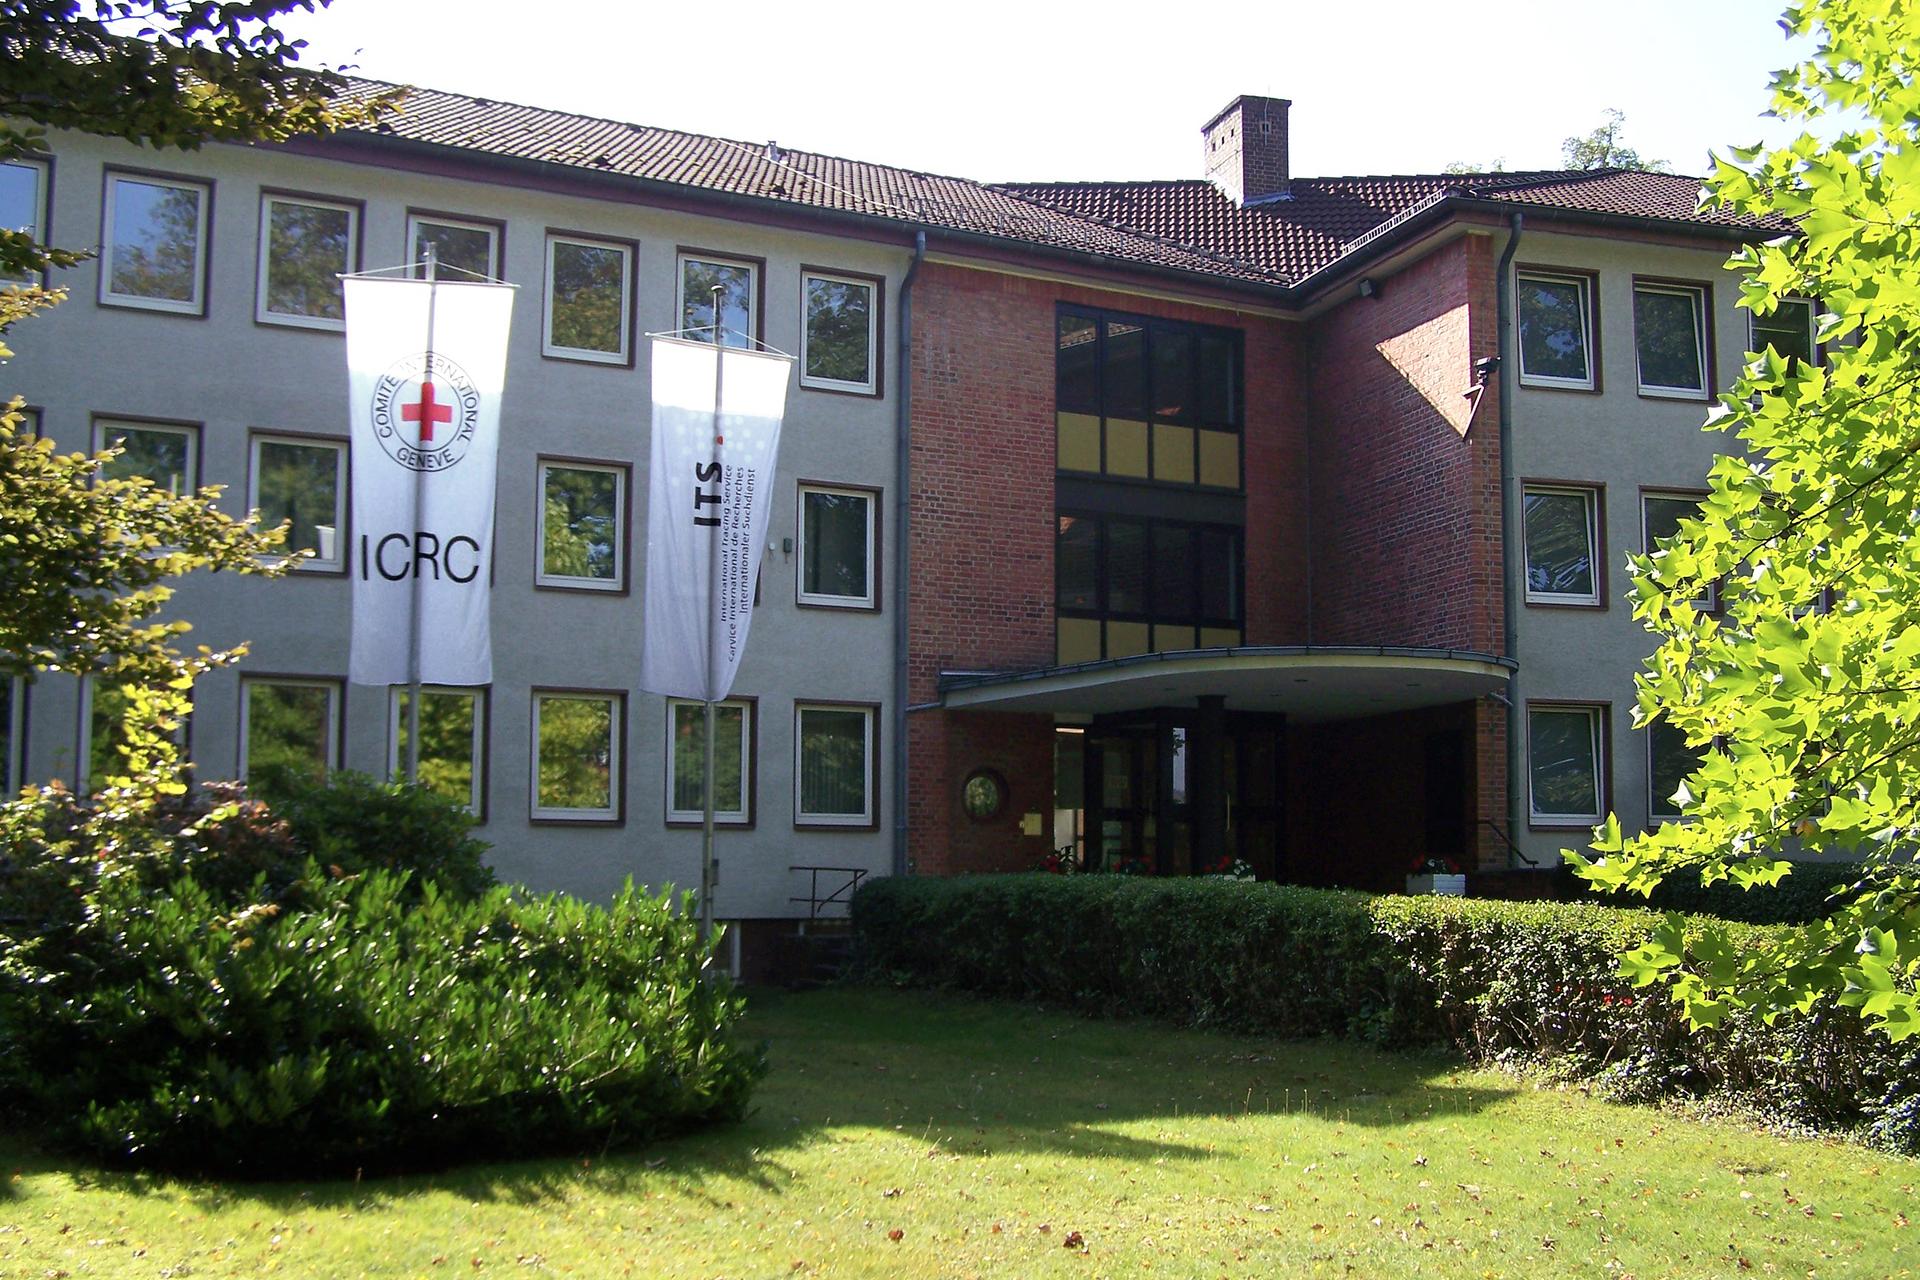 Kolorowe zdjęcie przedstawia duży budynek. Ściana frontowa. Budynek to parter idwa piętra. Dach budynku pokryty czerwoną dachówką. Spadzisty. Ściany budynku białe. Wejście do budynku zadaszone. Ściany przy wejściu inad wejściem pokryte czerwoną cegłą klinkierową. Naprzeciw budynku, po lewej stronie zdjęcia, dwa maszty zbiałymi flagami. Na flagach symbole. Na pierwszej fladze symbol czerwonego krzyża oraz napis czarnymi literami ICRC. Na drugie fladze symbol Unii Europejskiej. Przed budynkiem zielony trawnik imałe drzewka.